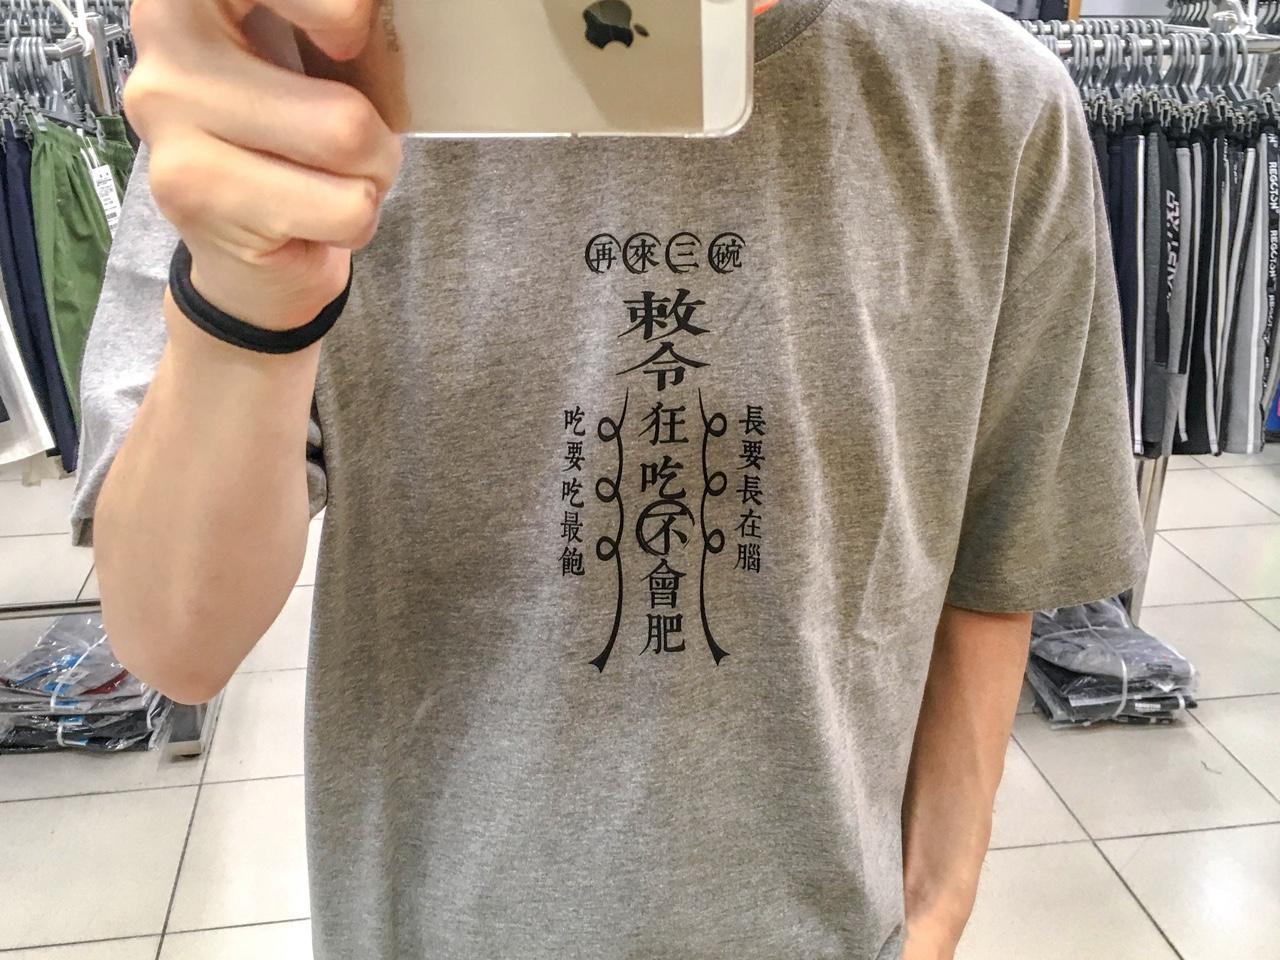 勅令Tシャツ